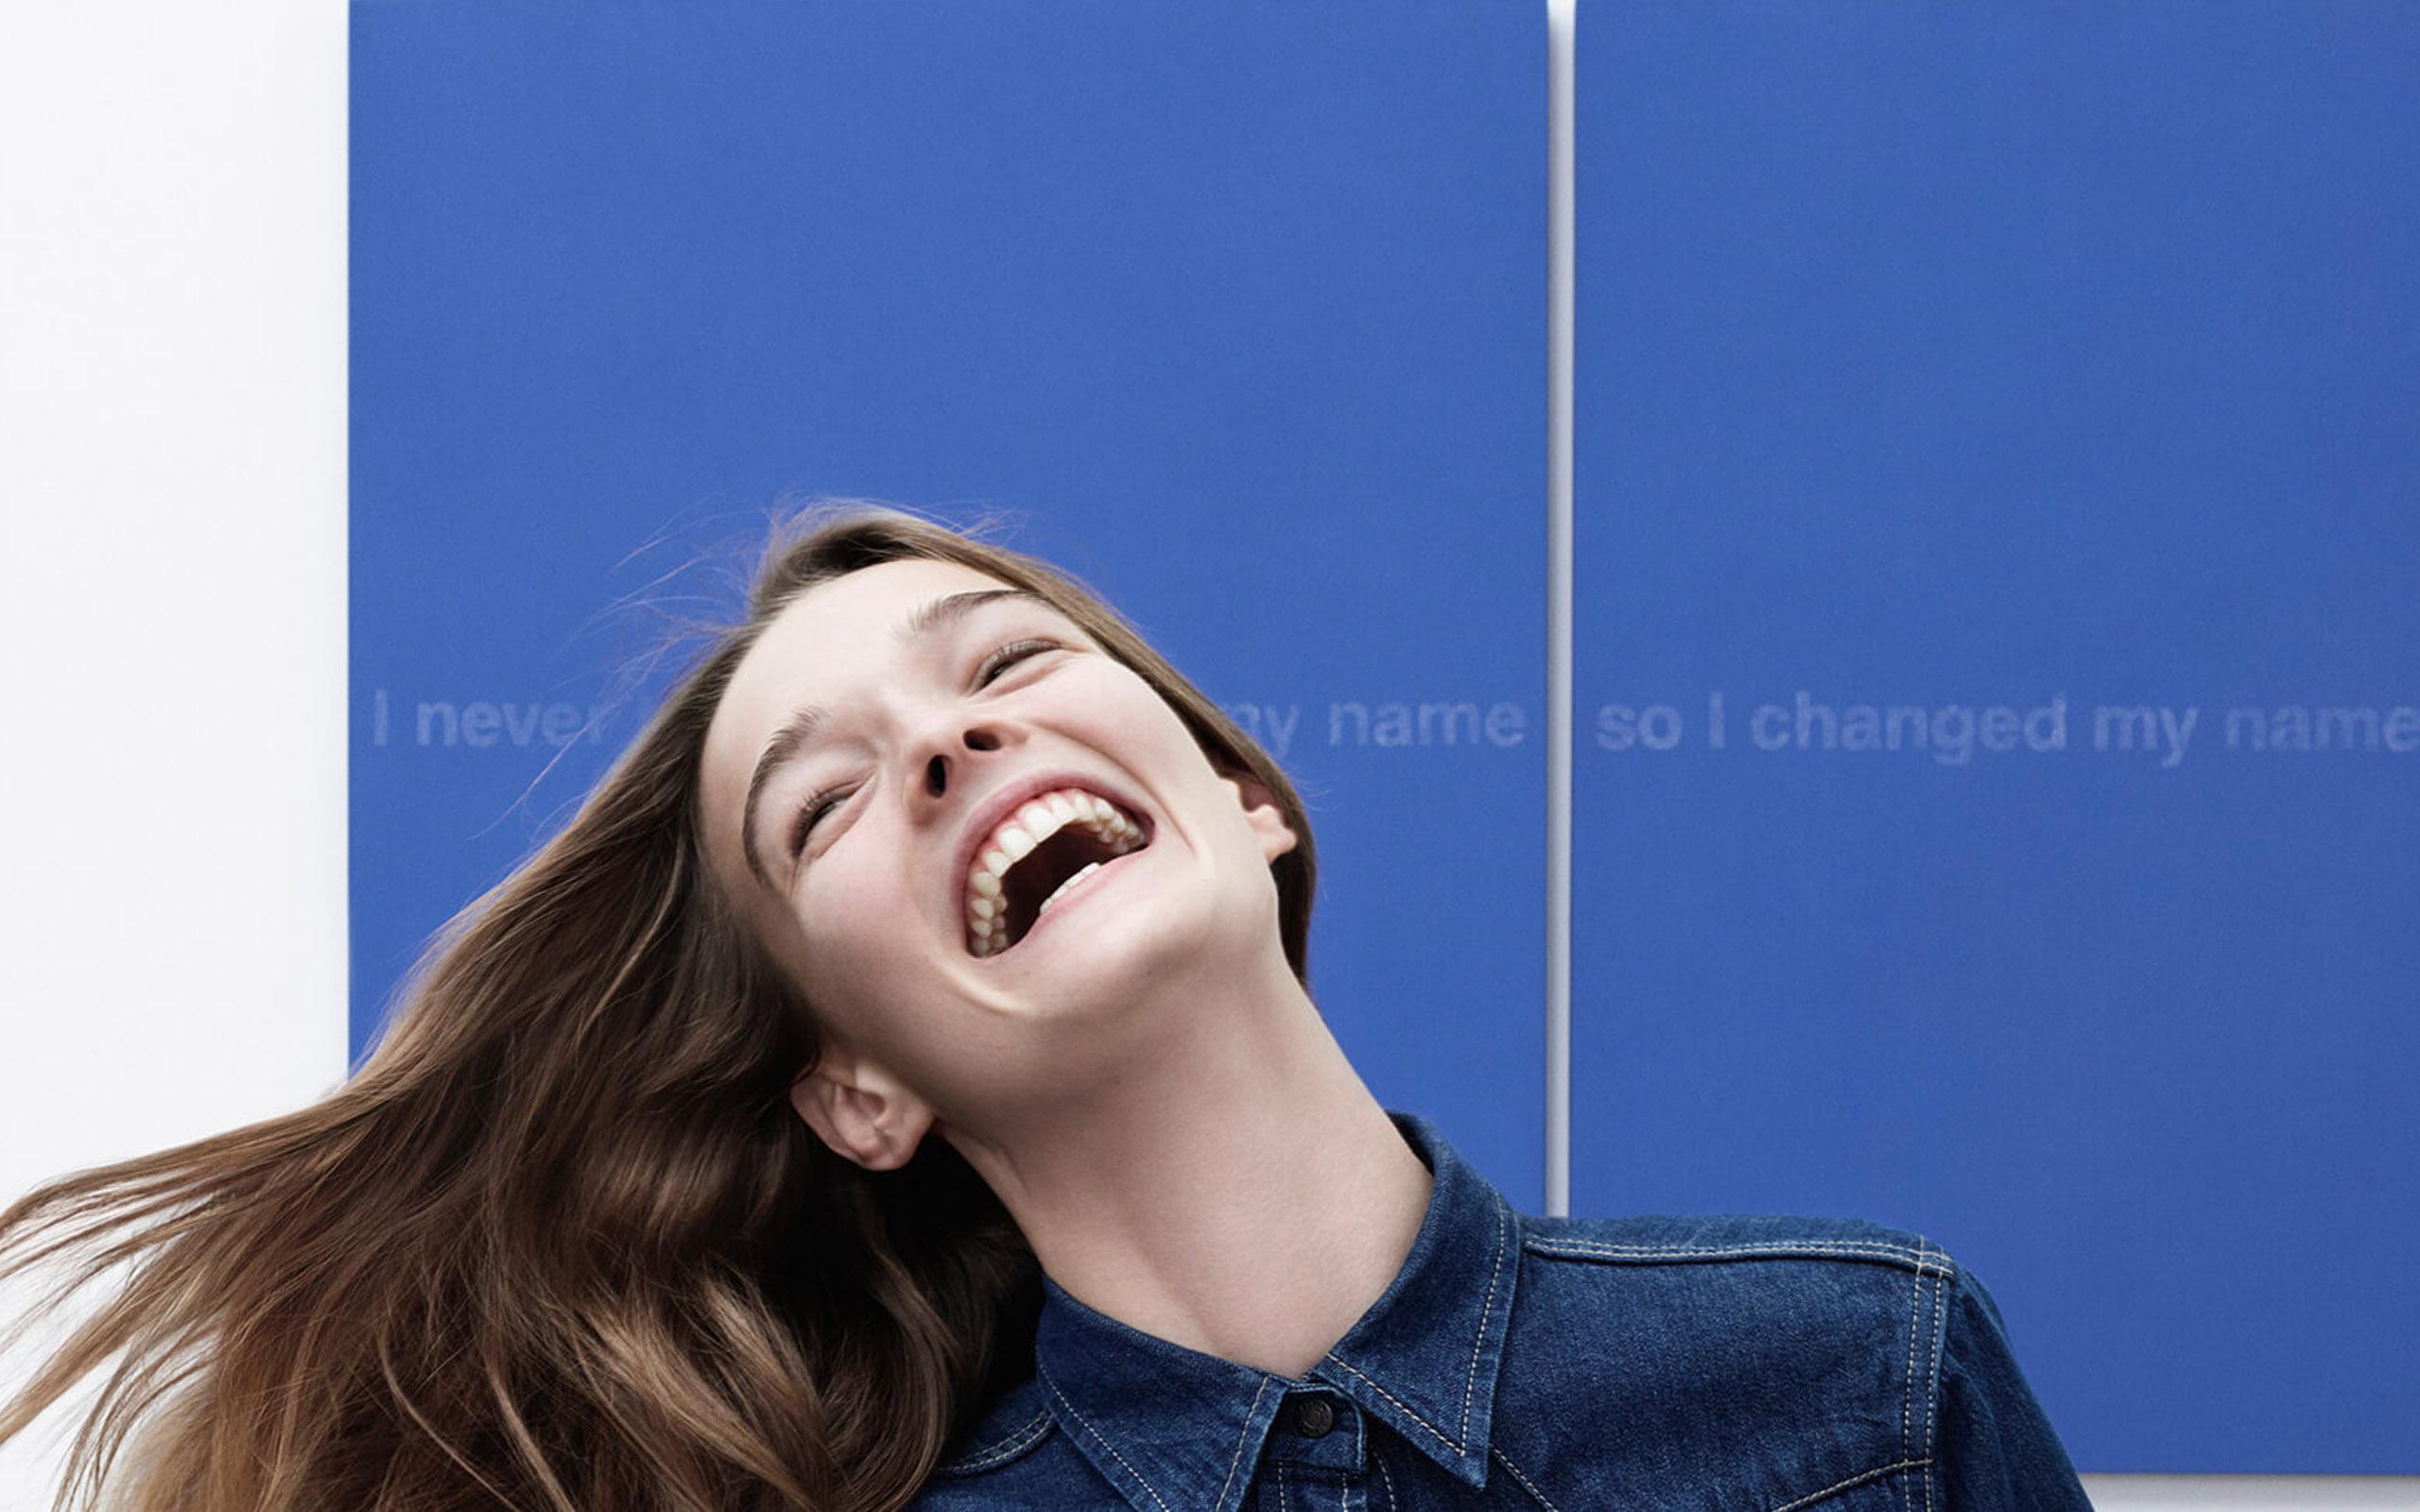 Raf Simons (ラフ・シモンズ) による 新生 Calvin Klein (カルバン・クライン) について、知っておくべき5つのこと